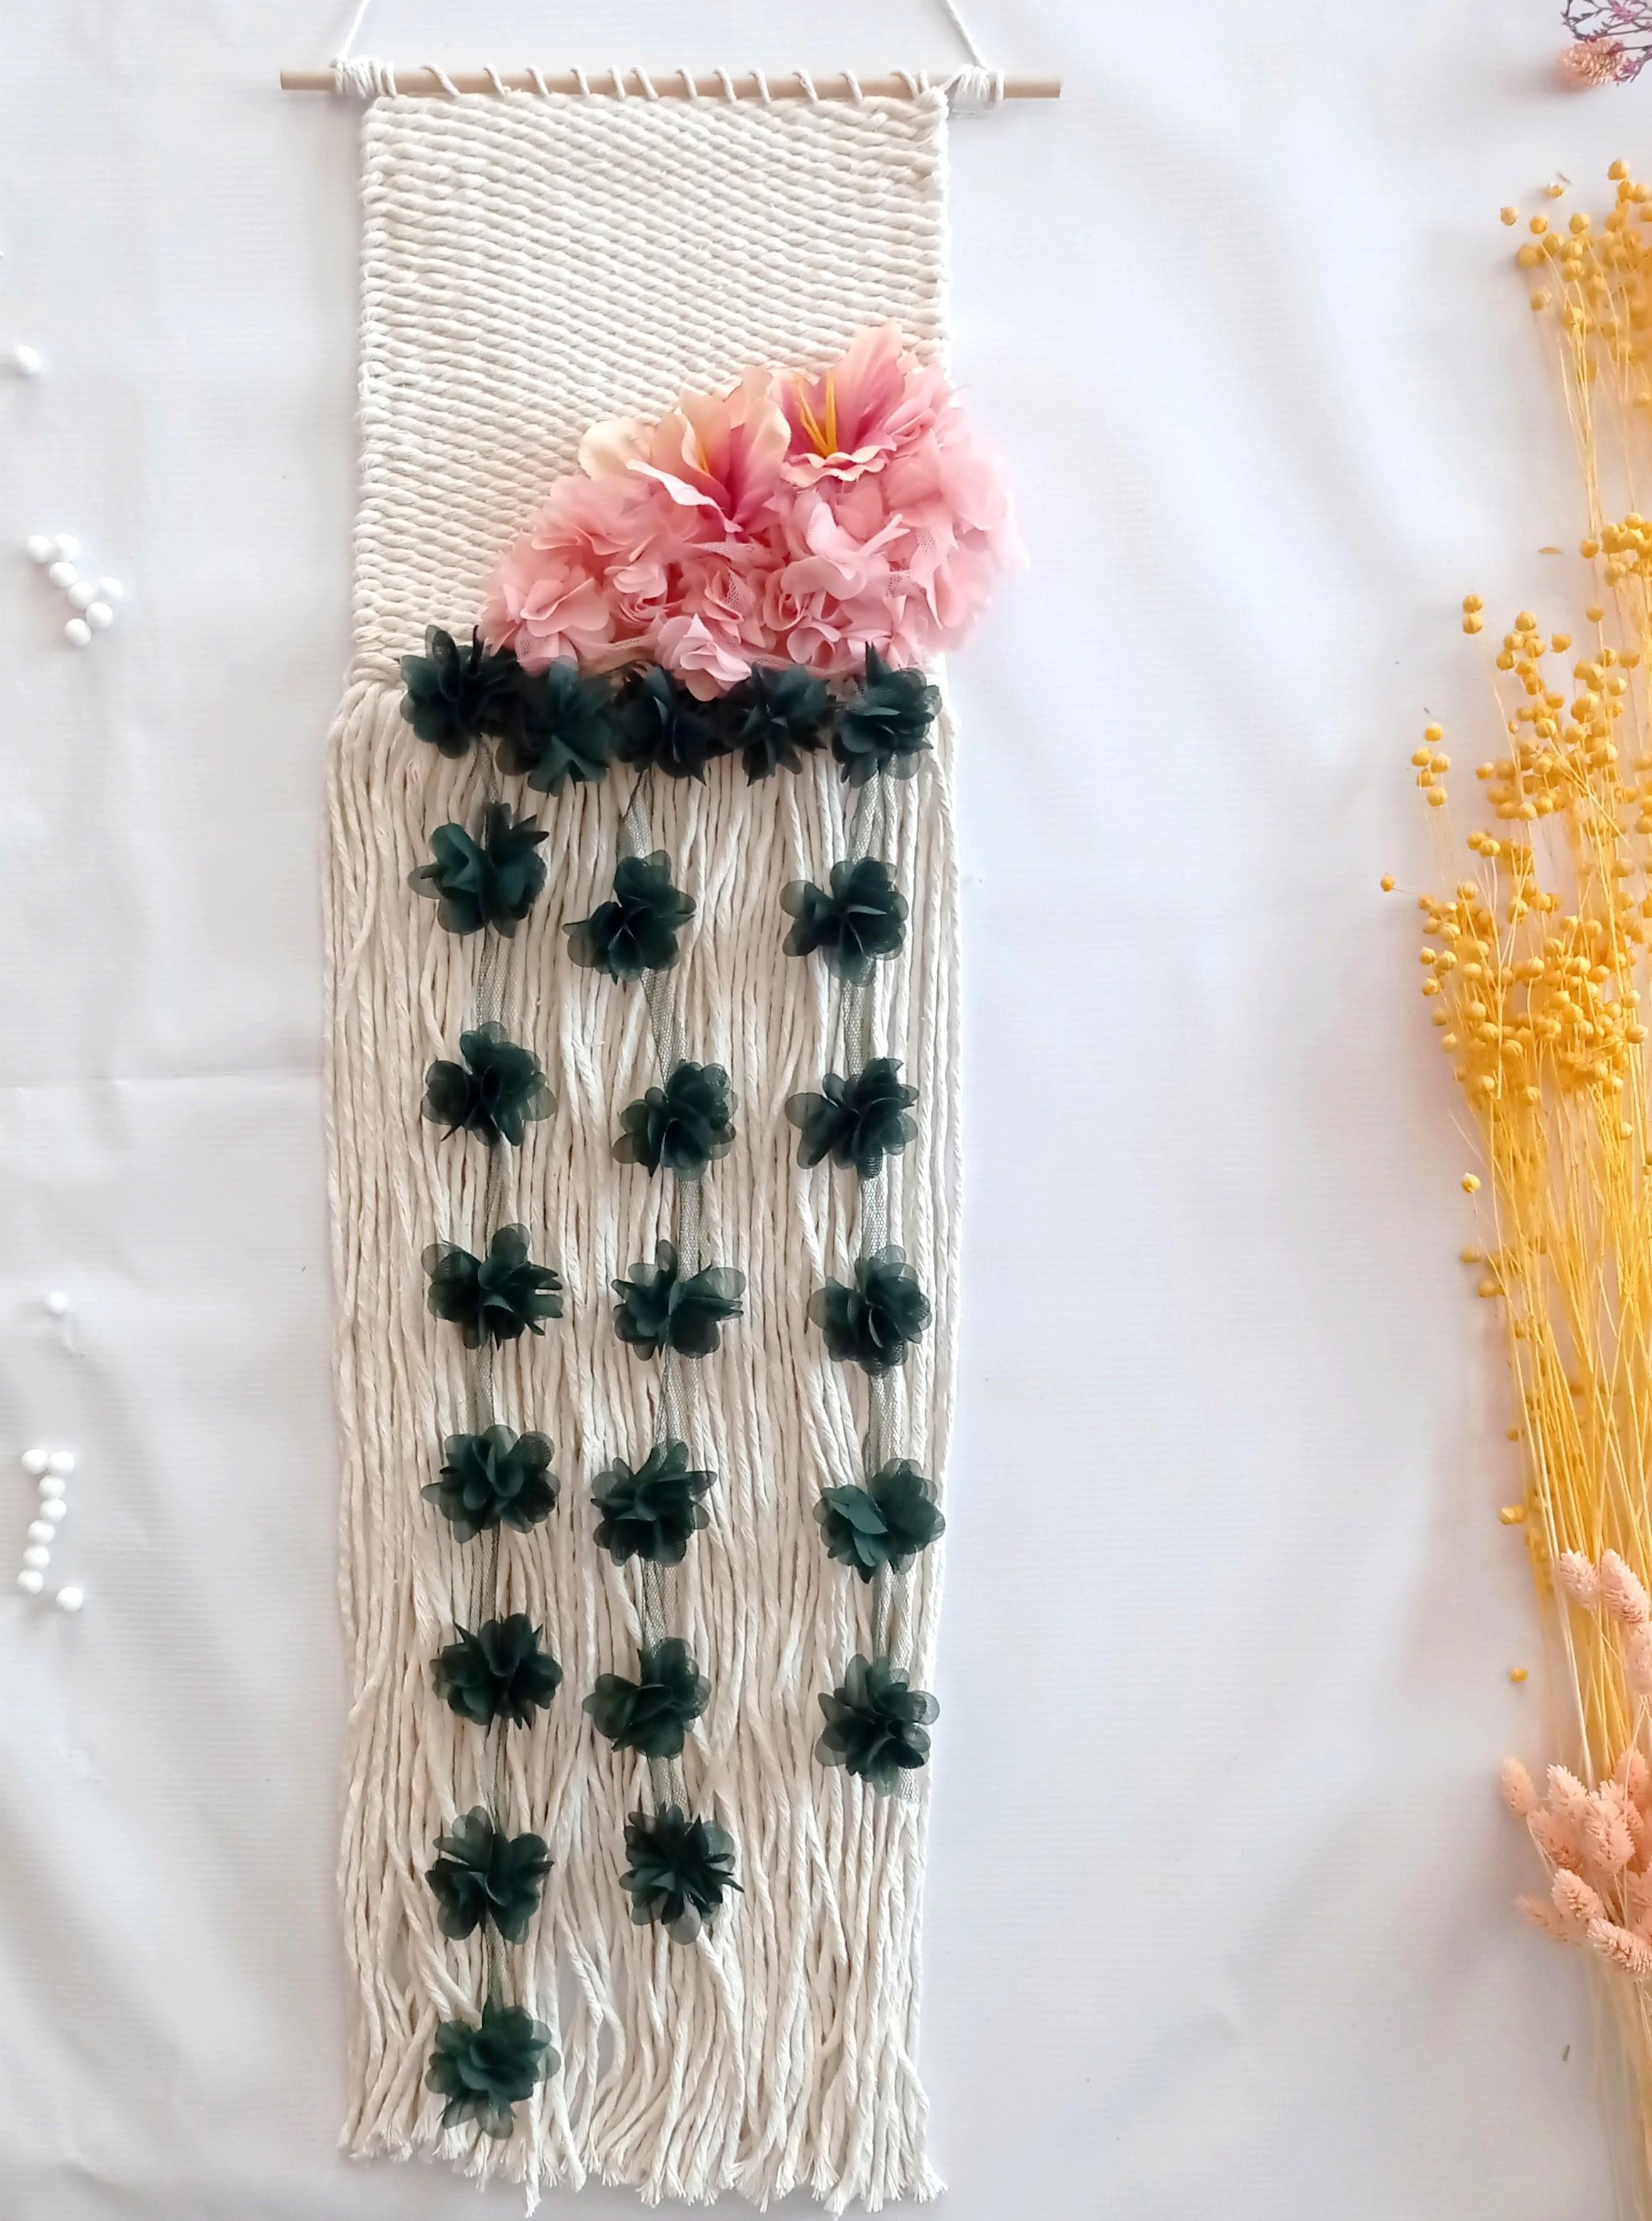 Makatka ze zwisającymi kwiatami makrama